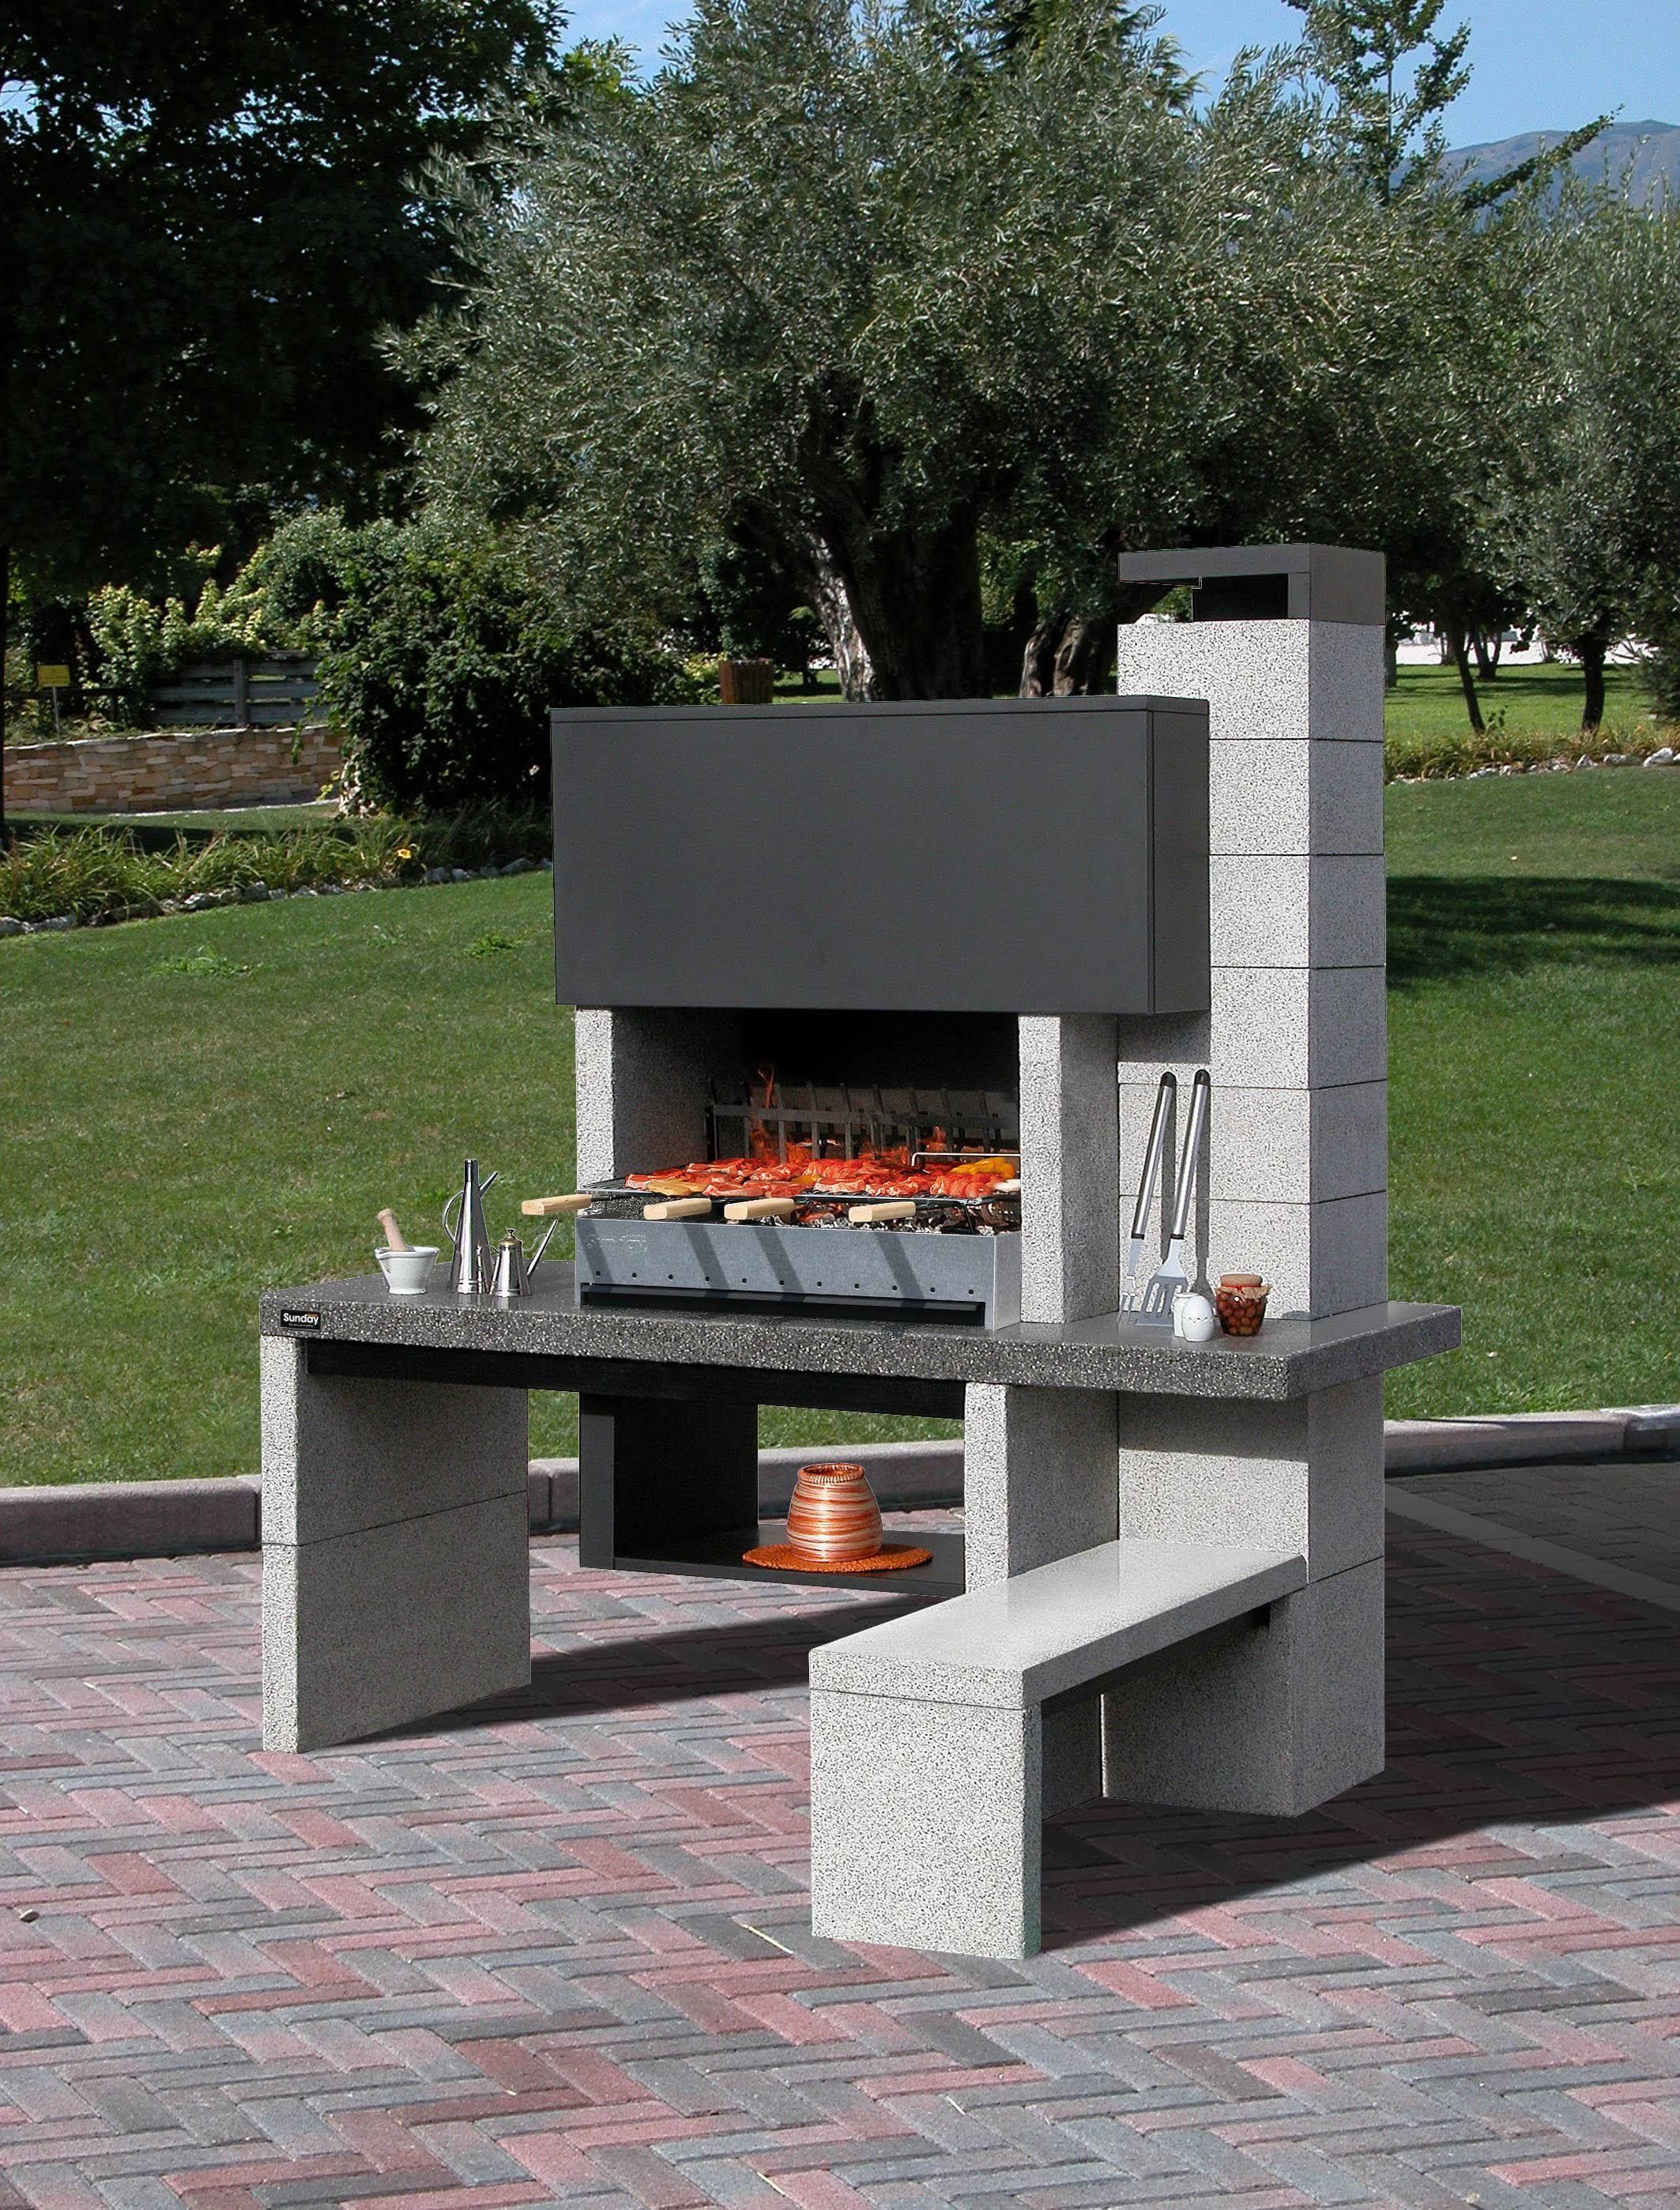 Barbecue Fixe : 5 Critères Pour Faire Le Meilleur Choix ... encequiconcerne Abri De Jardin En Dur